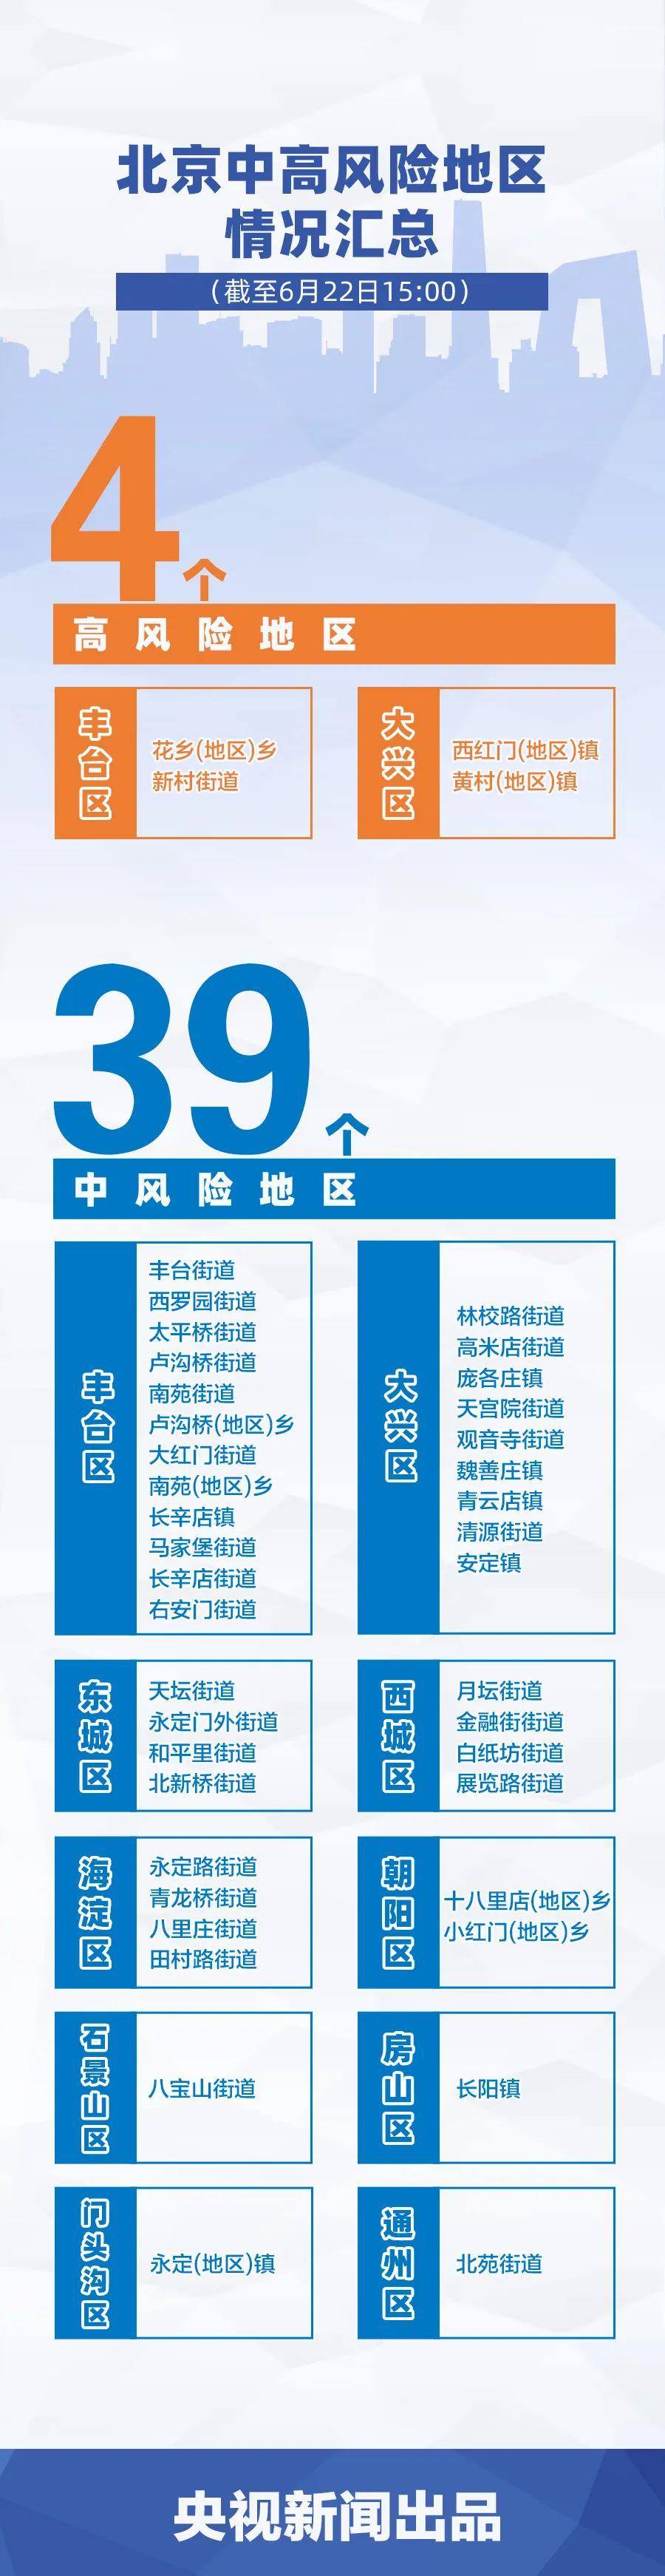 11天236例!北京确诊病例情况汇总,一图了解插图(1)